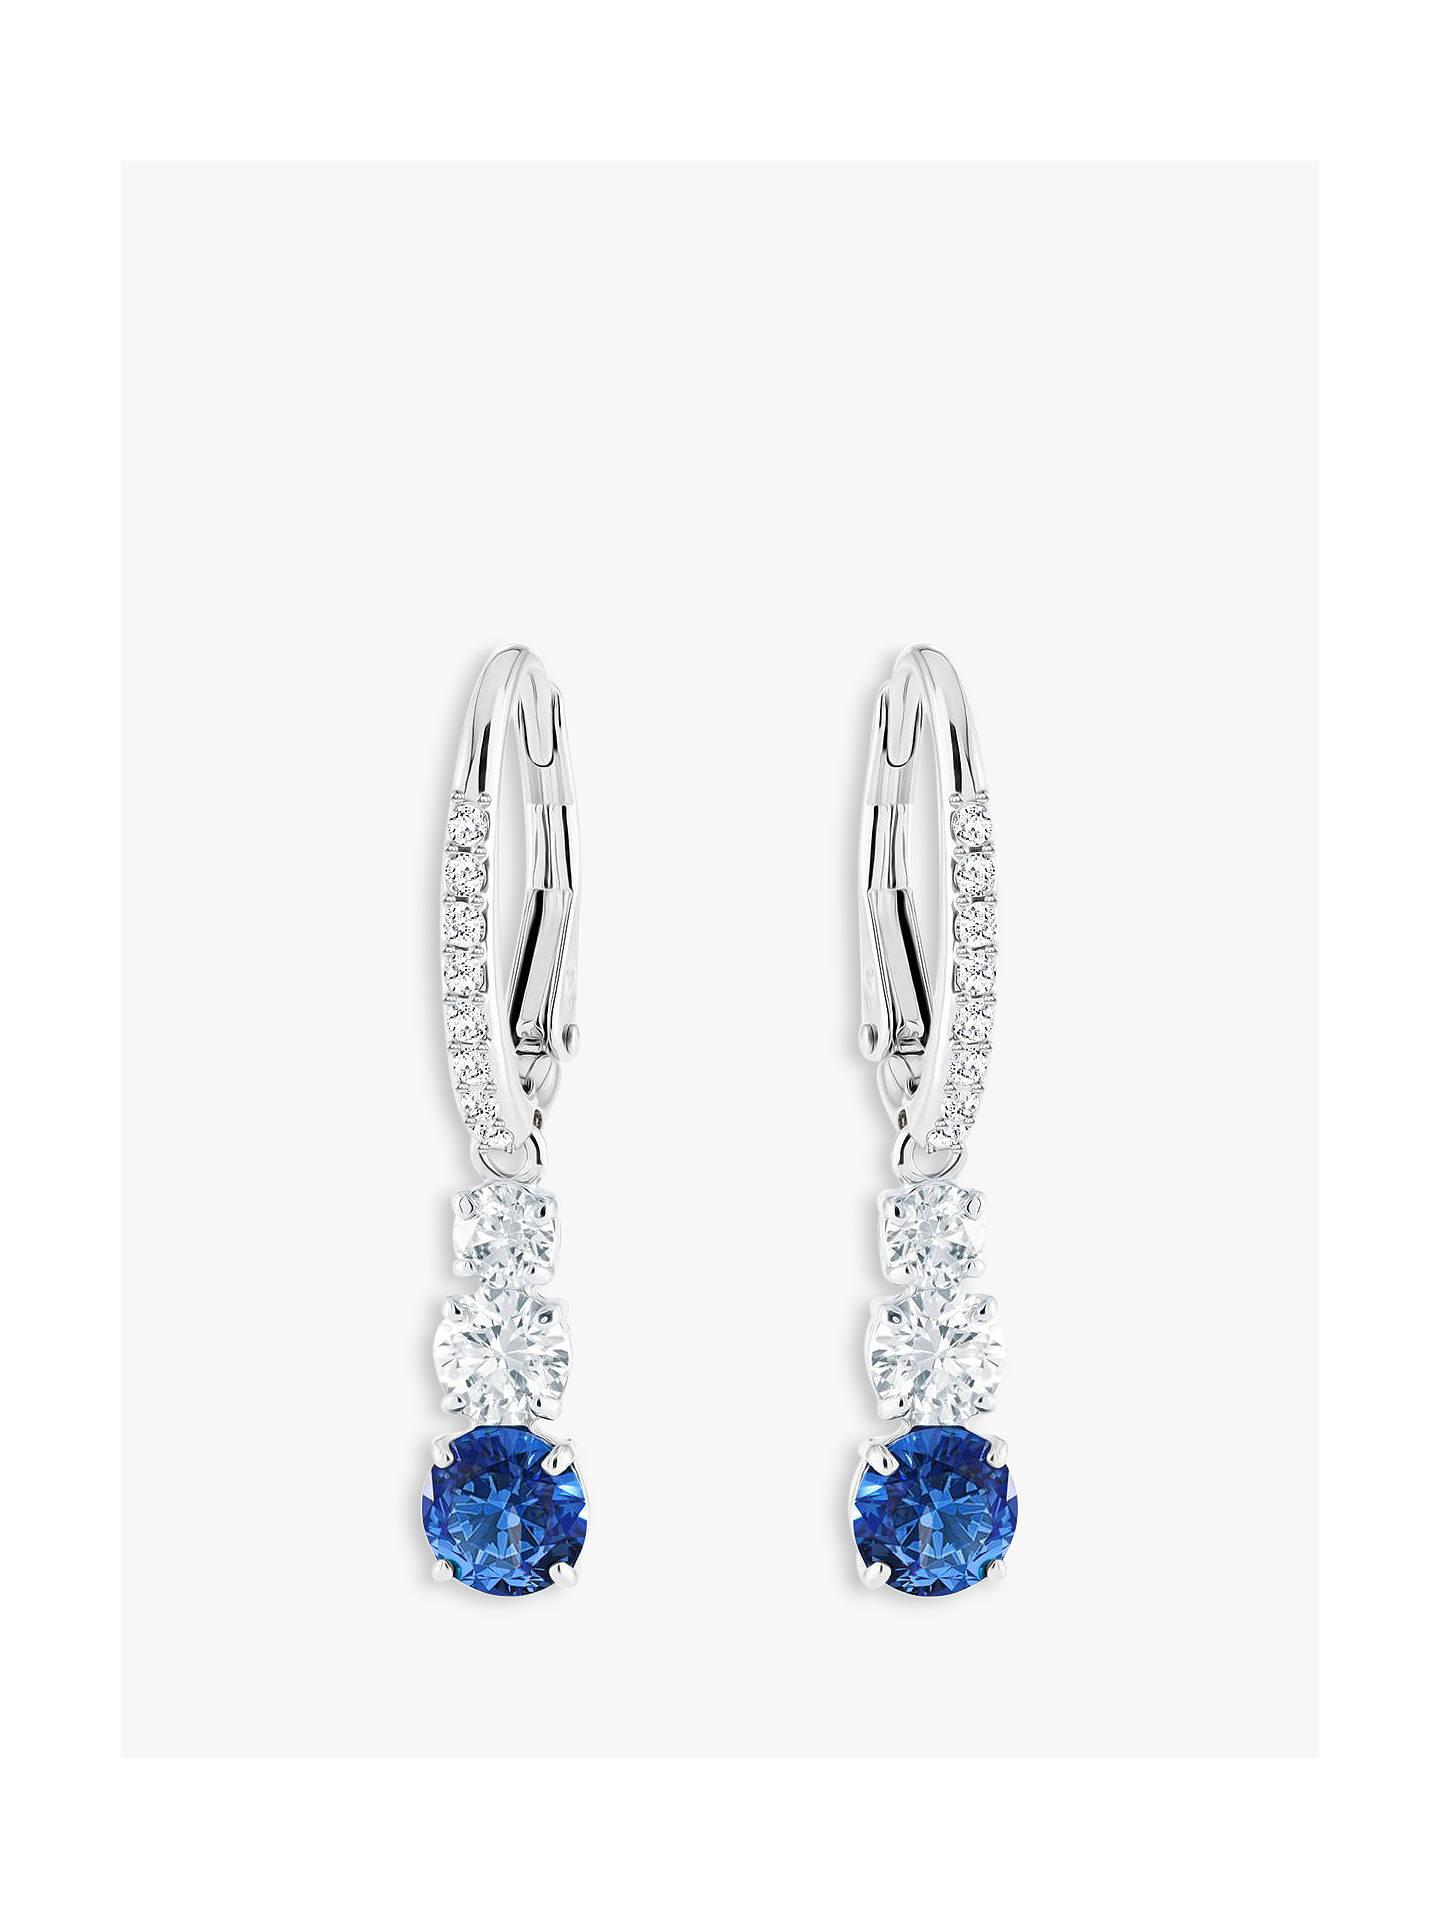 ab8eeb346625 Swarovski Attract Crystal Drop Hook Earrings at John Lewis   Partners